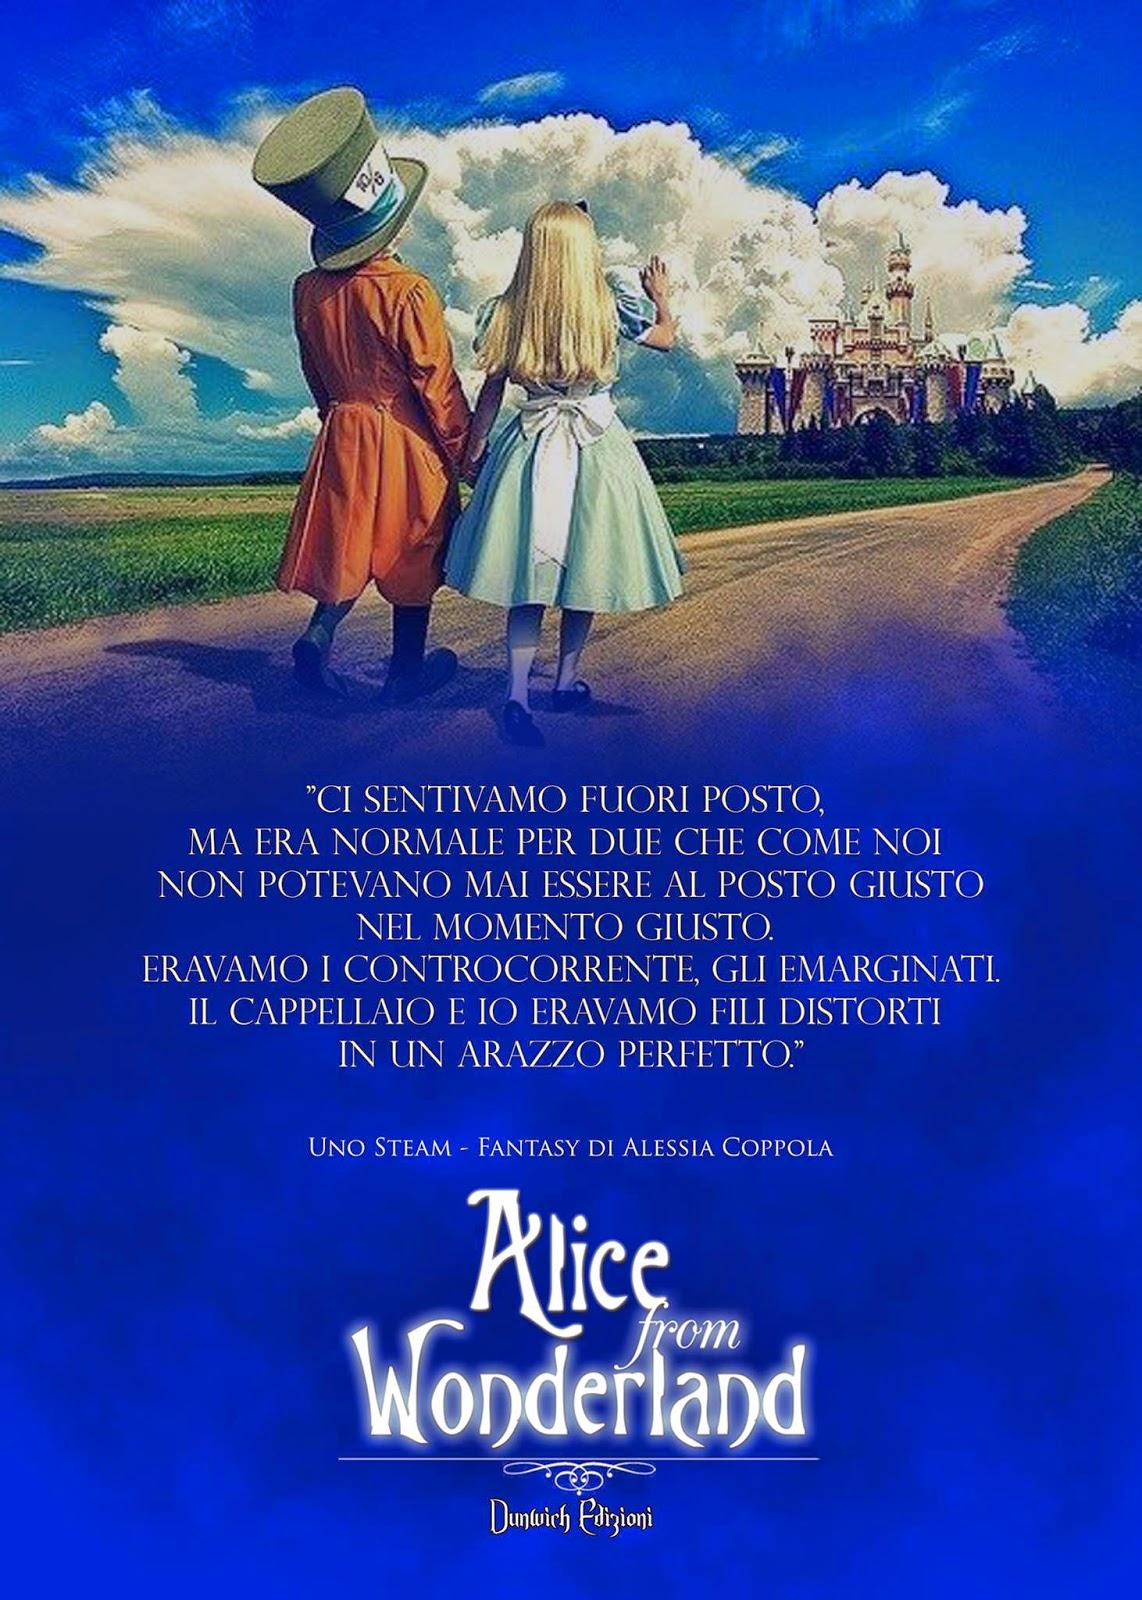 frasi alice in wonderland bianconiglio - Alice nel Paese delle Meraviglie (film 1951) Wikiquote